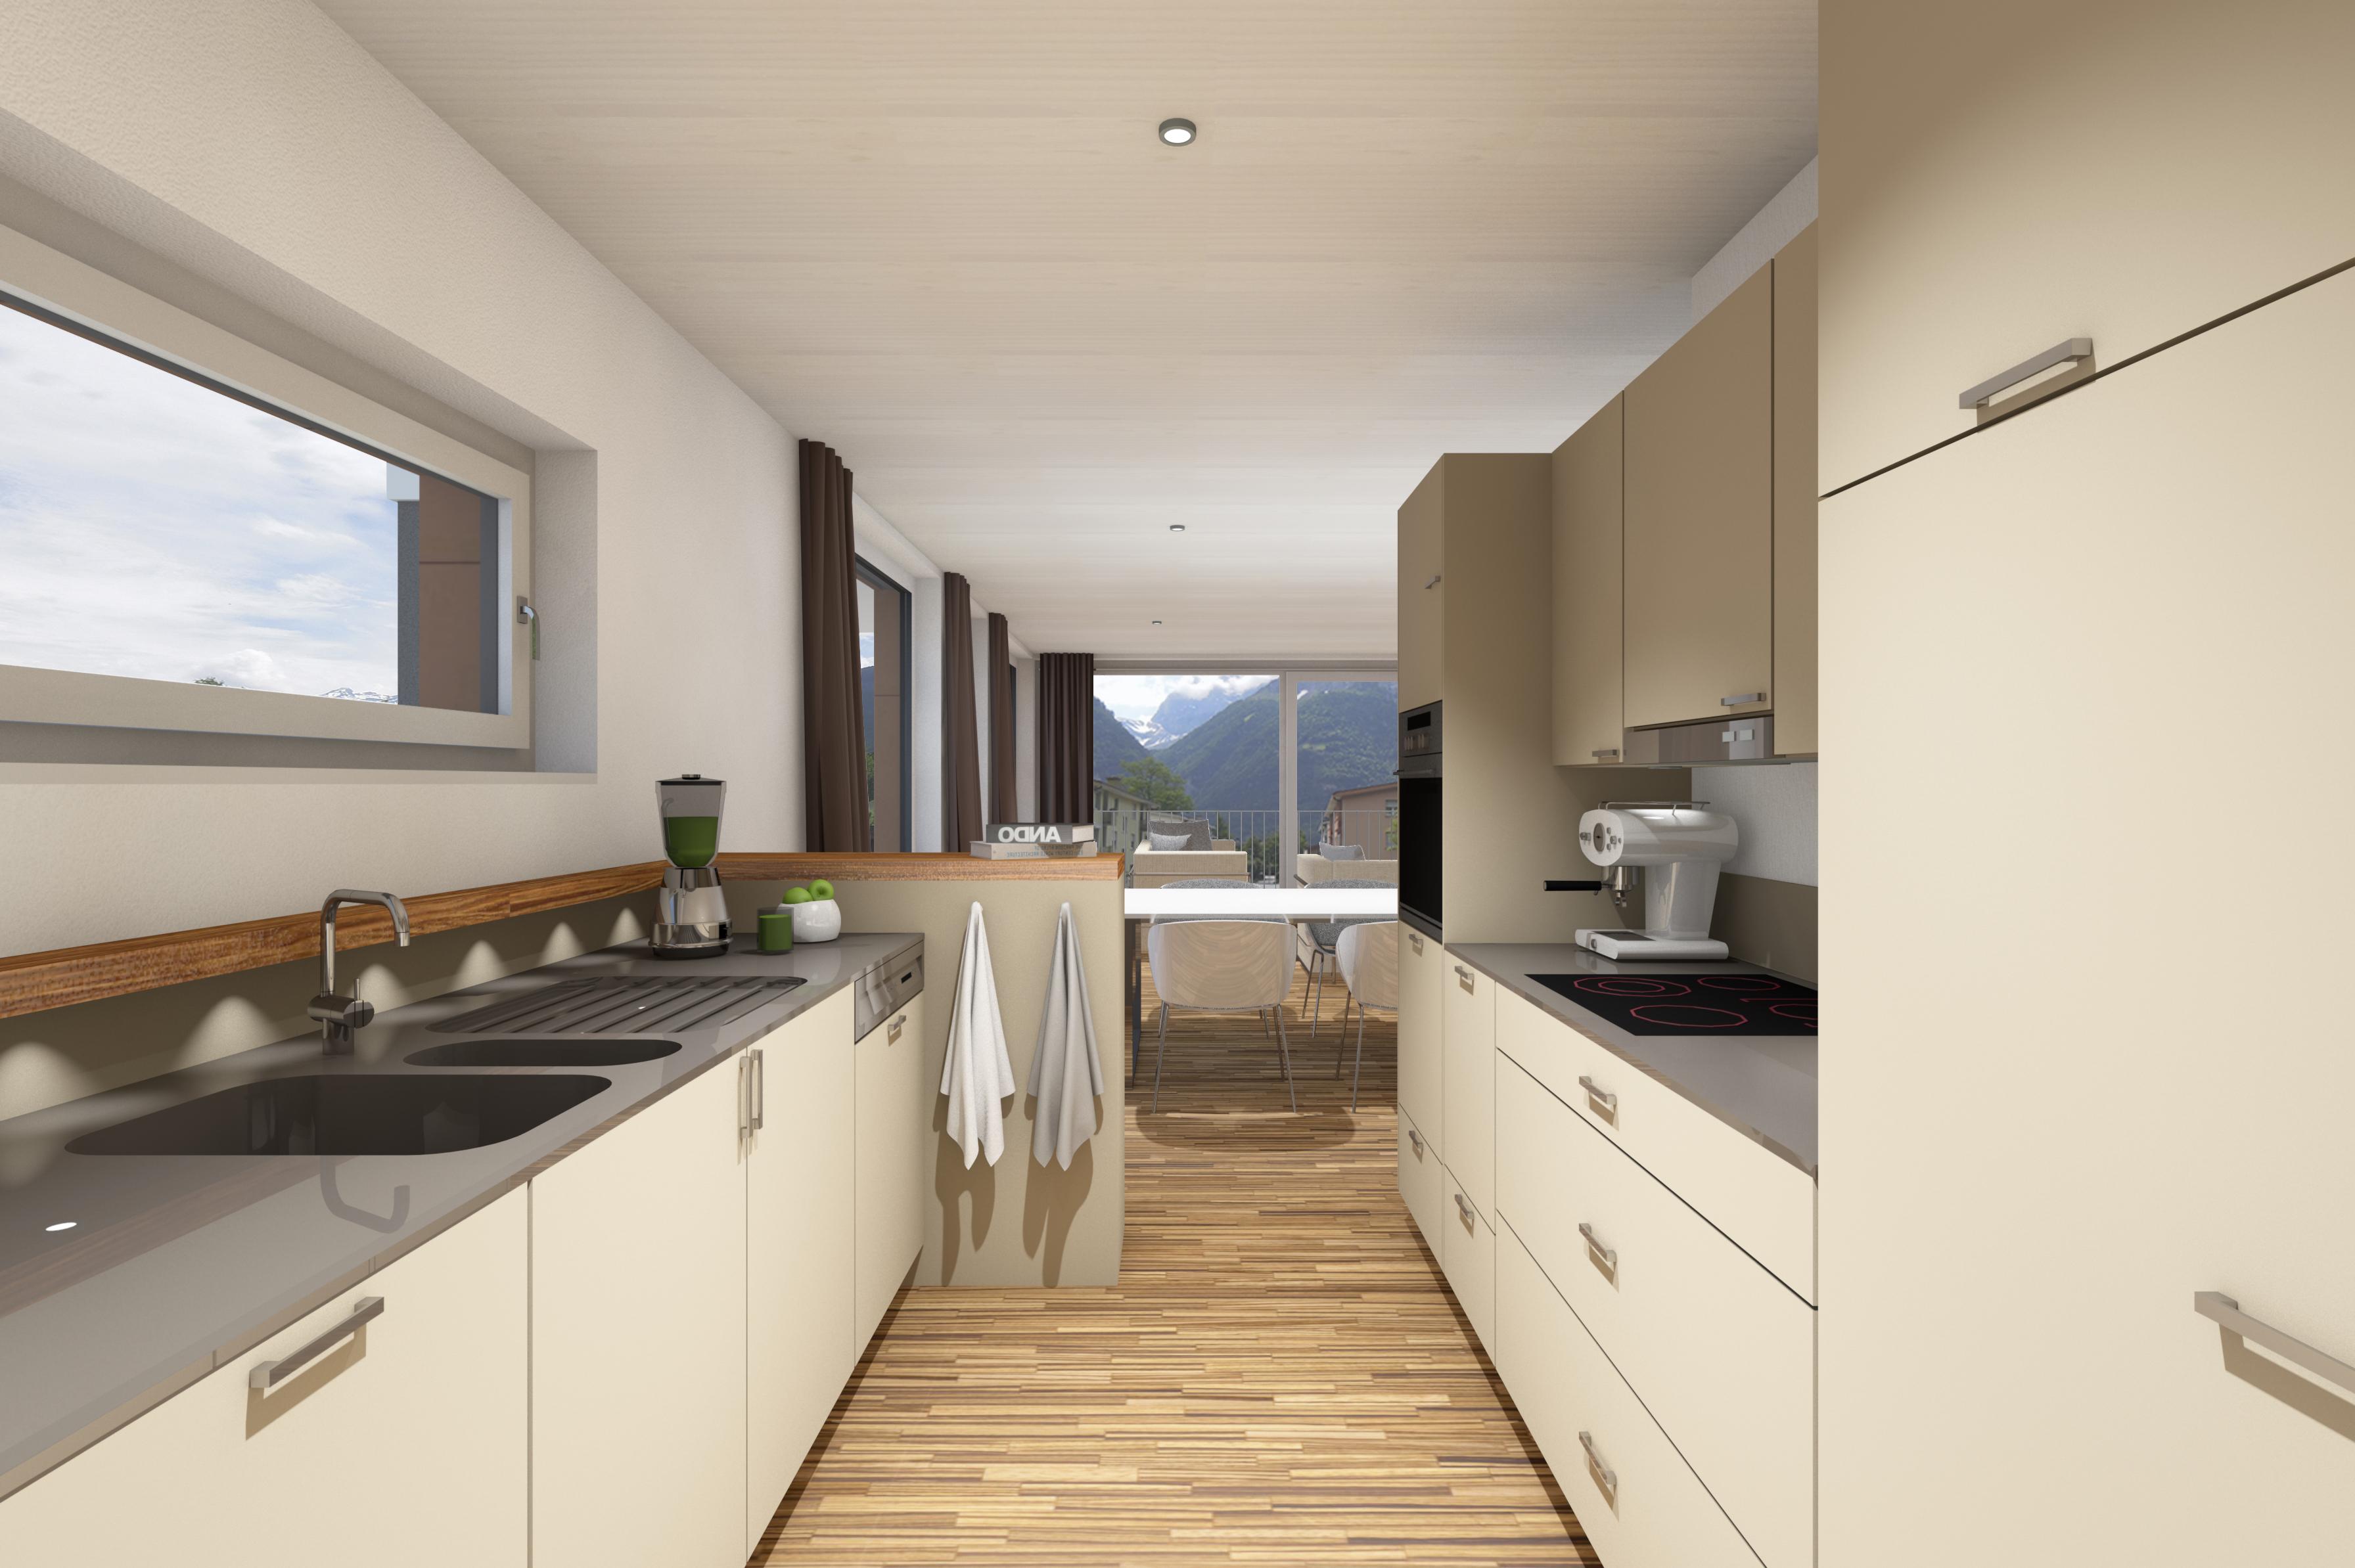 Küche_mit_Hintergrund